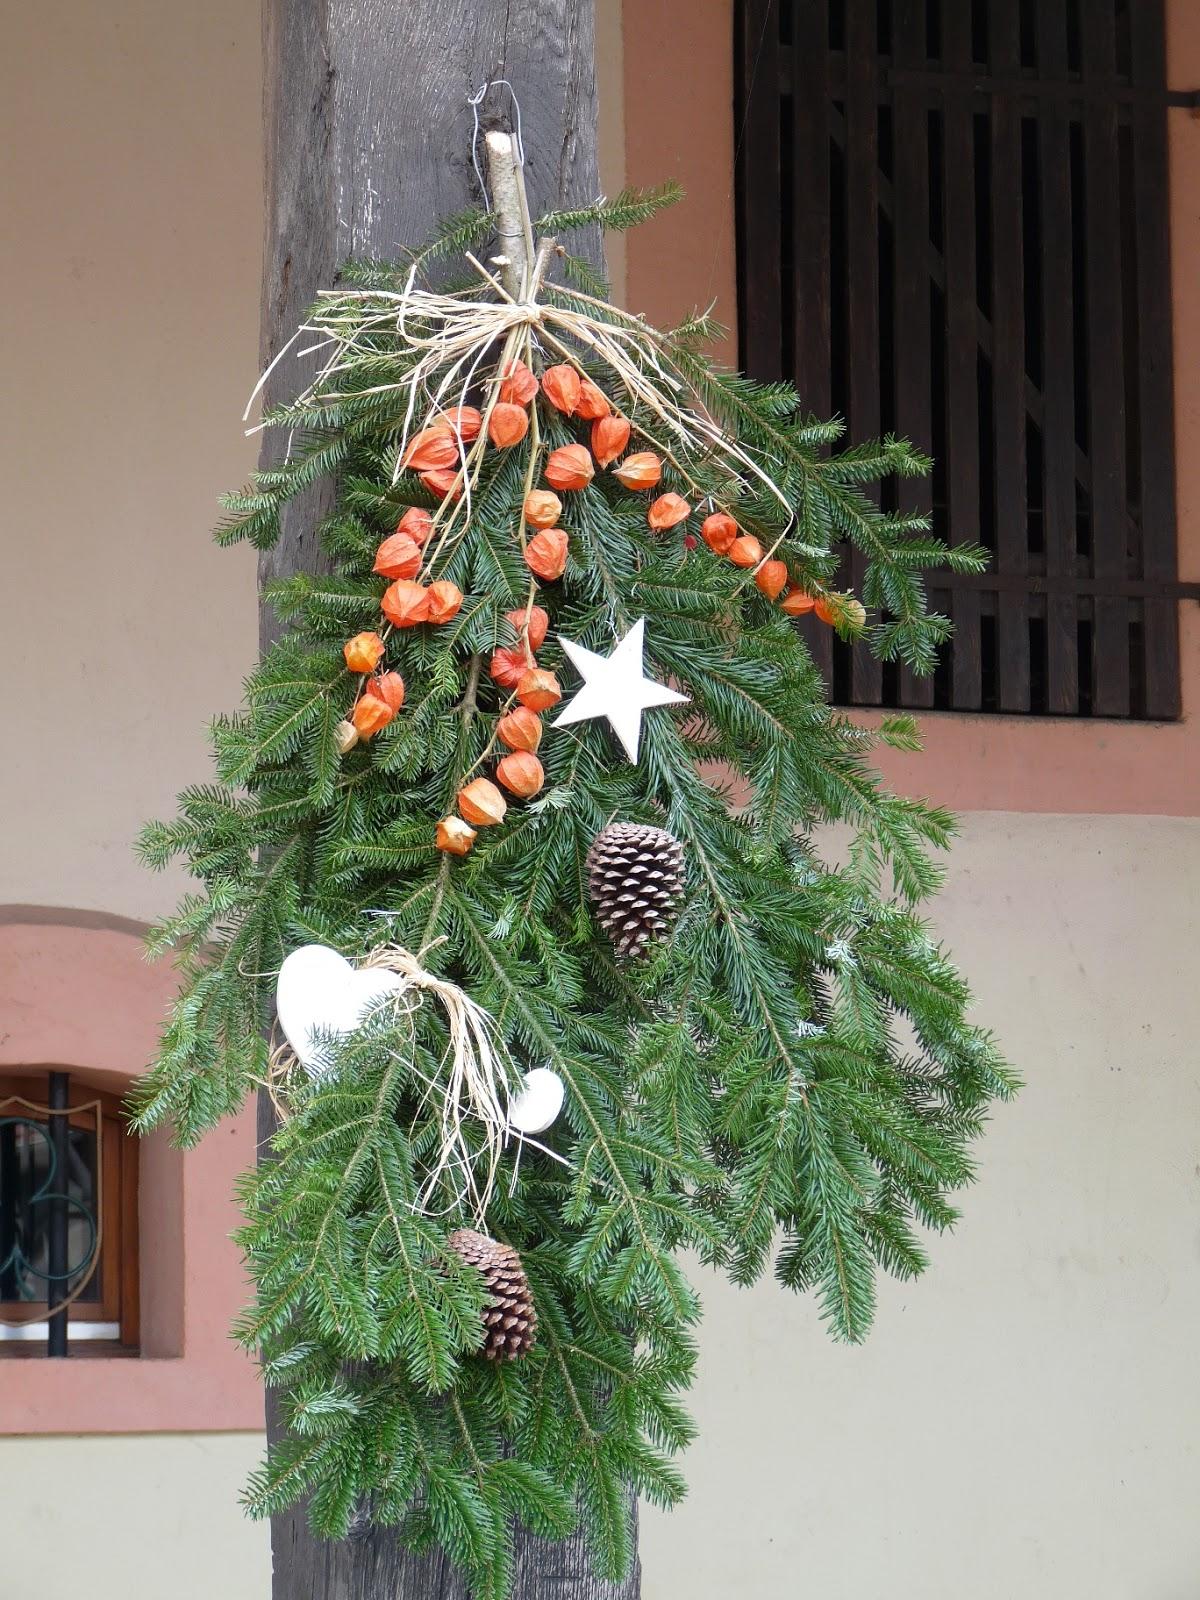 #6D4634 Le Petit Monde De Bidule: Décorations De Noël Naturelles 5855 Voir Décoration De Noel à Faire Soi Même 1200x1600 px @ aertt.com